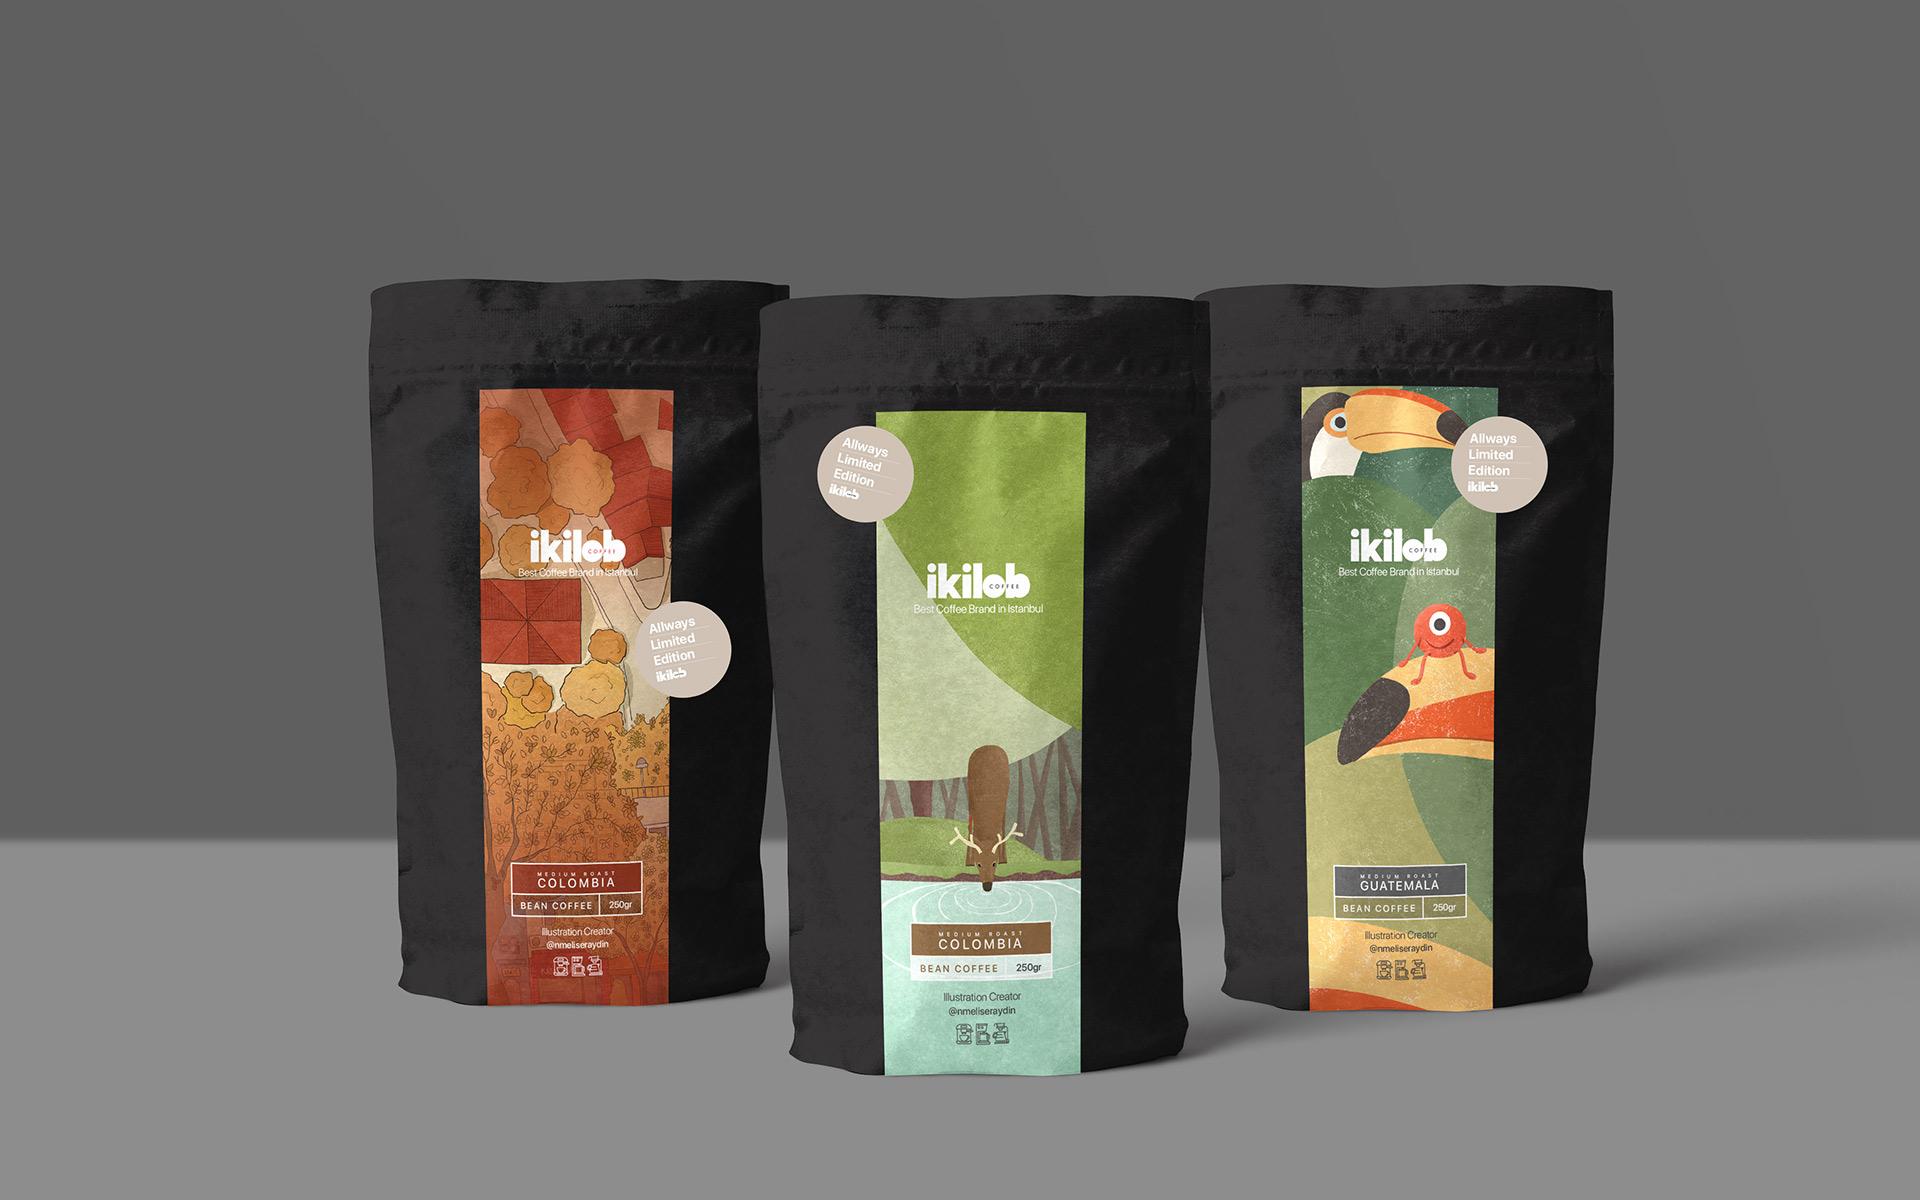 ikilob_coffee_creative2_slider_slide1-2-e1609016042796